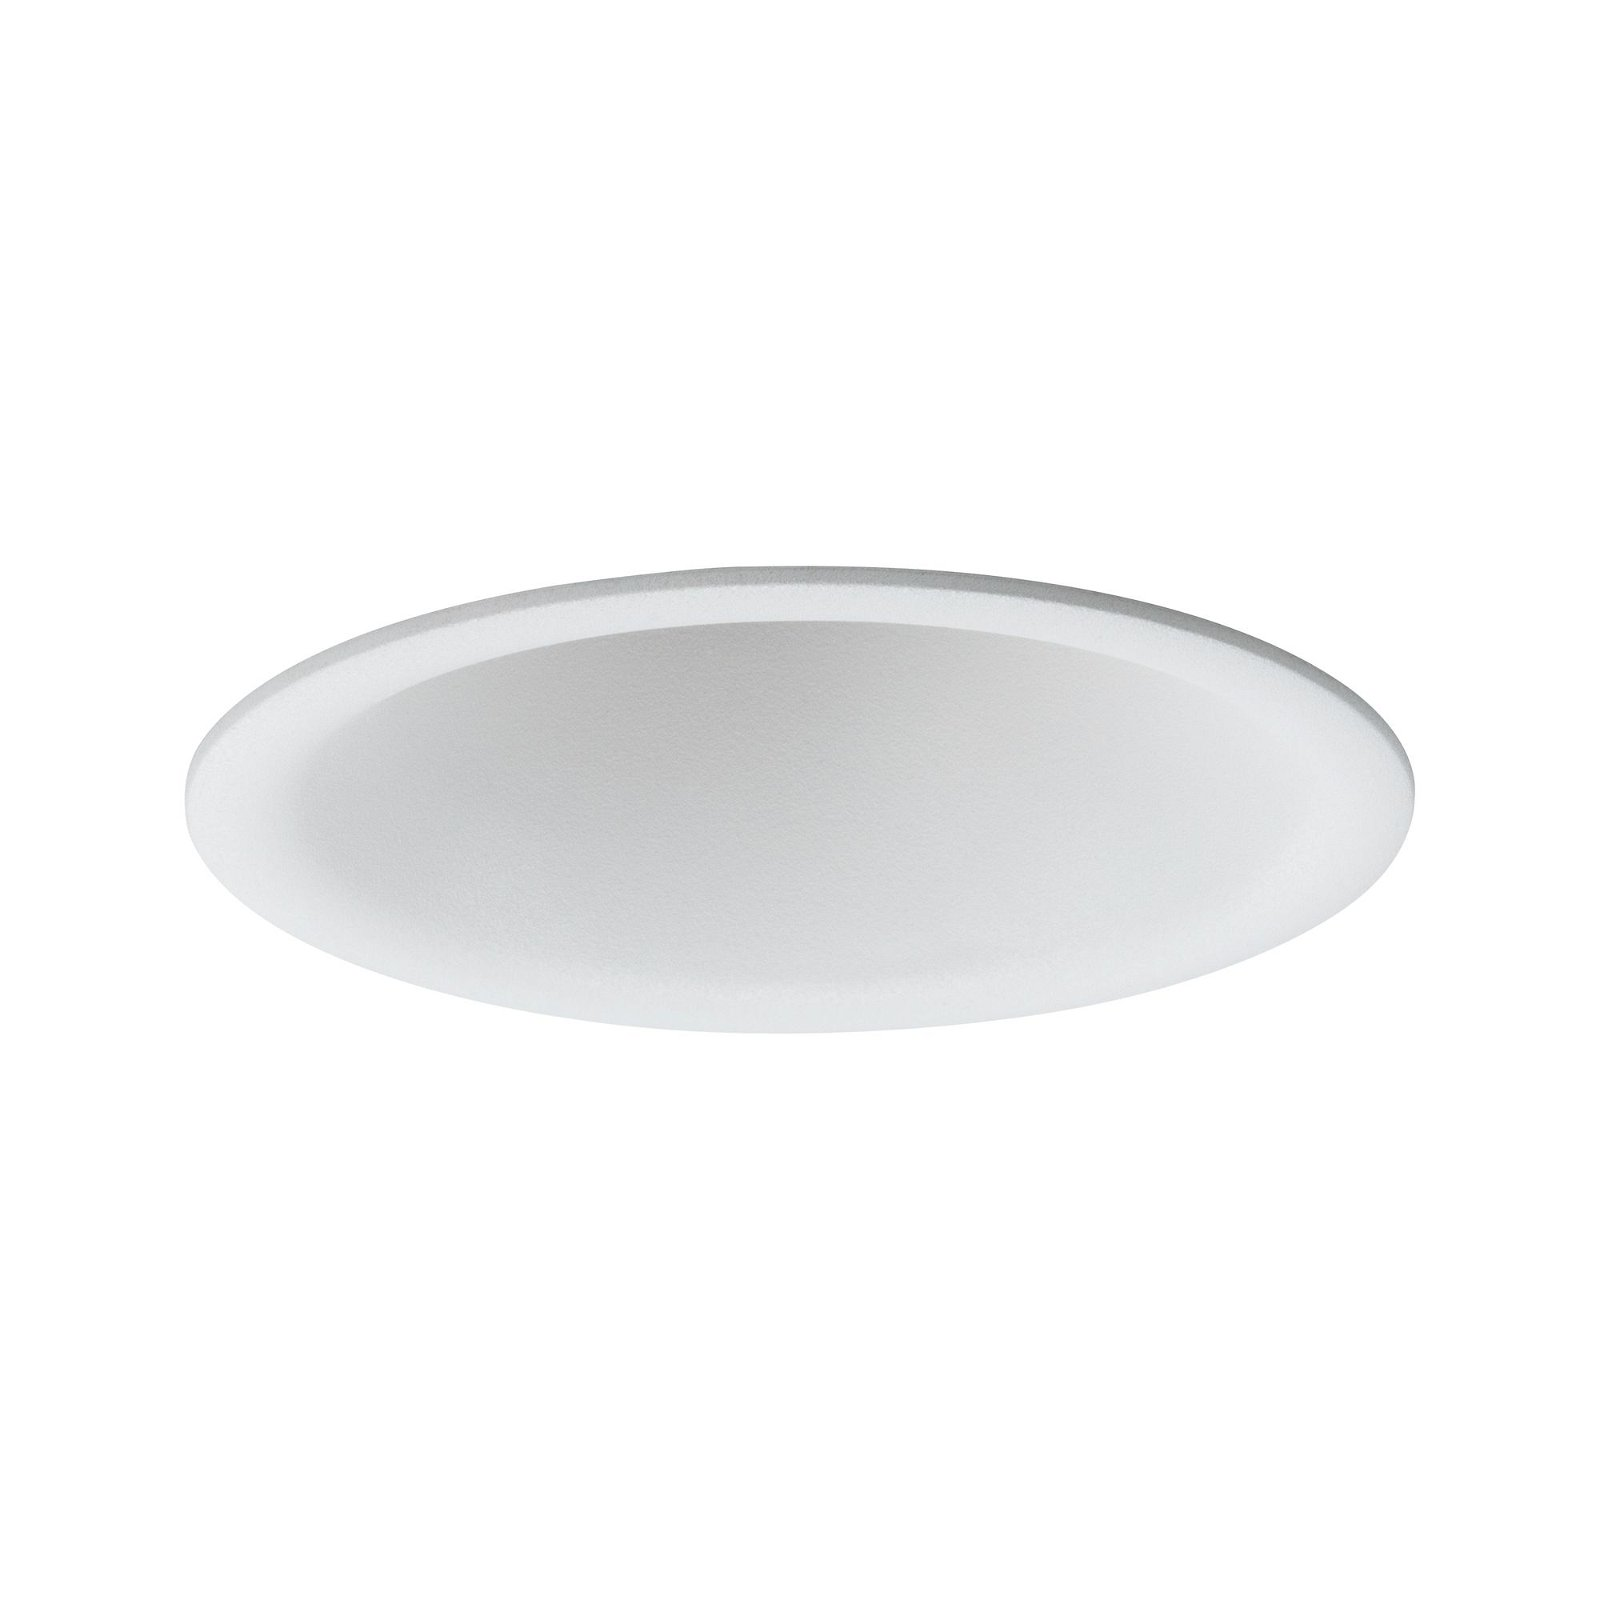 LED Einbauleuchte Cymbal Coin 77mm max. 10W Weiß matt